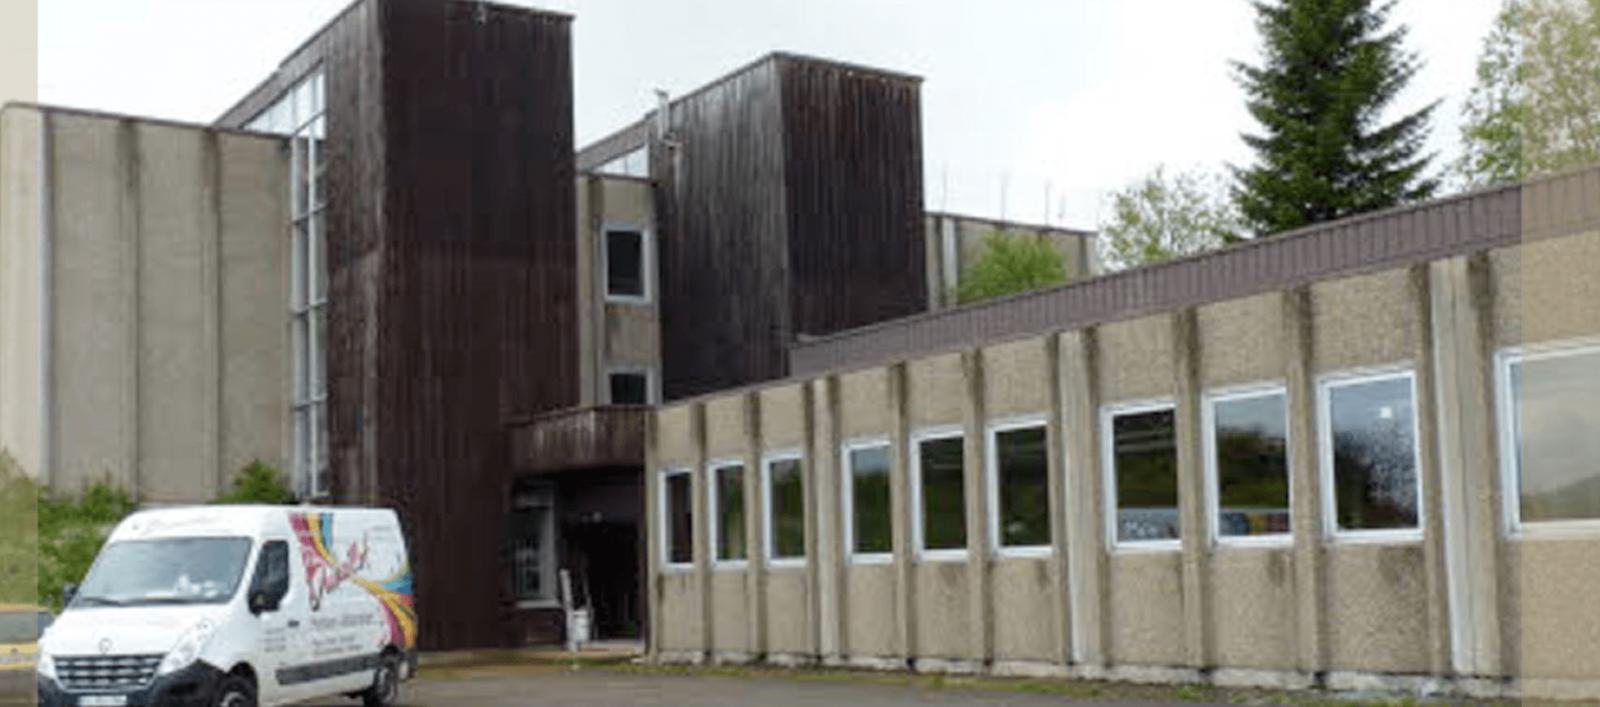 Location bâtiment d'activités modulables 2130m2 Jura (39)